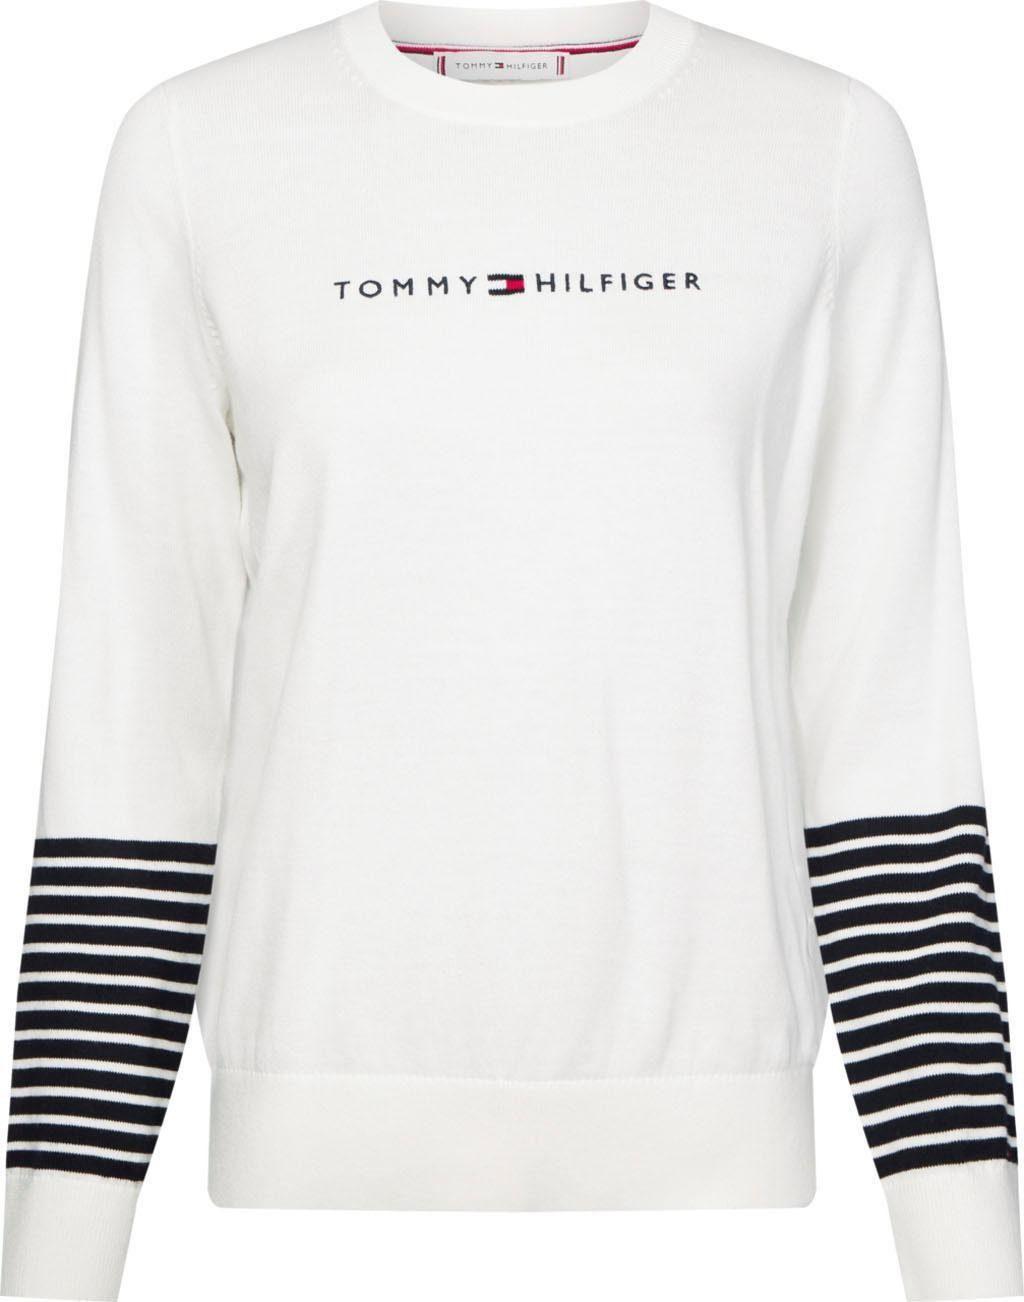 TOMMY HILFIGER Rundhalspullover »JENAH GRAPHIC C NK SWTR« mit Streifen am Ärmel & Tommy Hilfiger Logo Stickerei online kaufen | OTTO